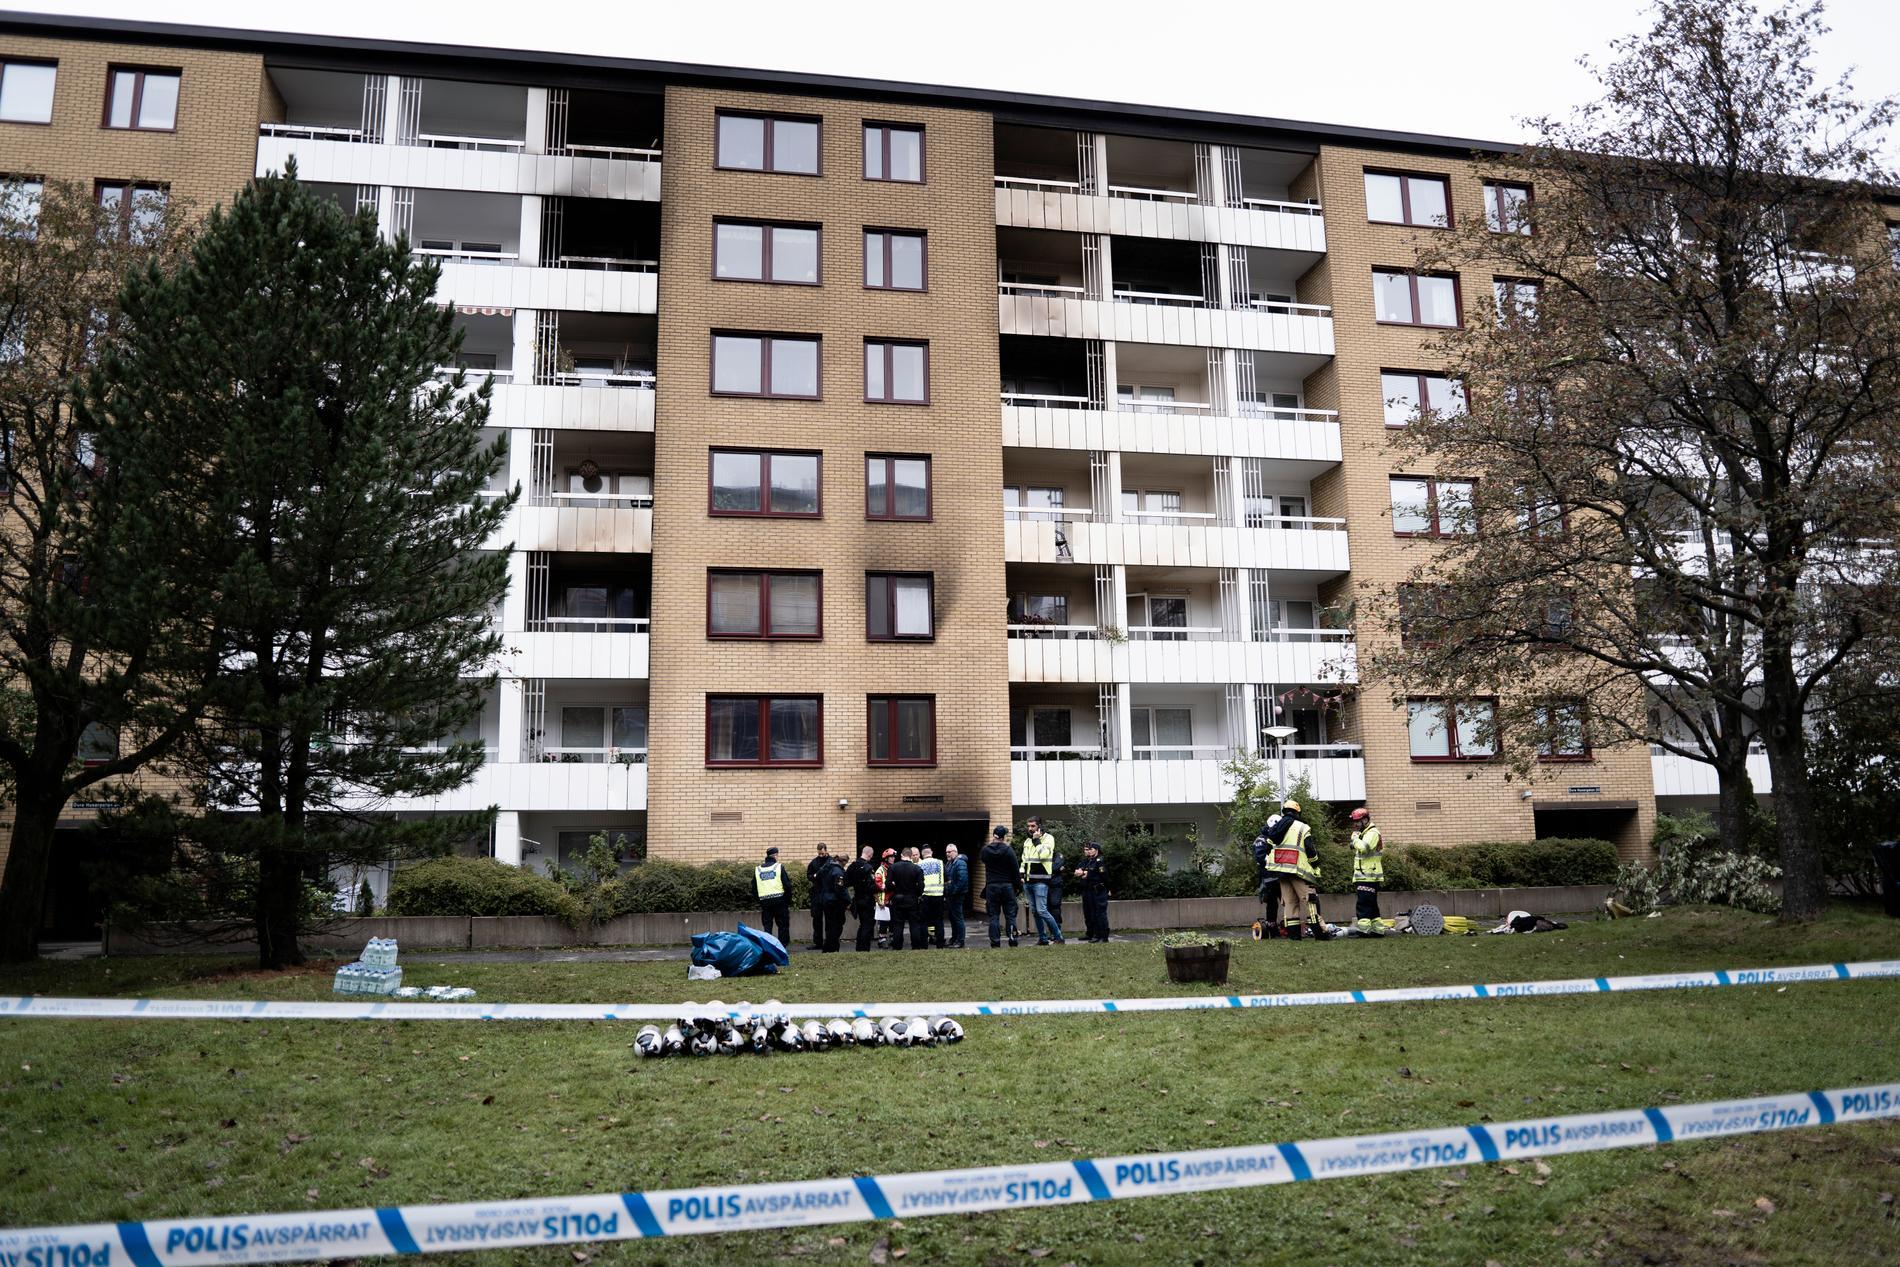 Flerfamiljshuset där explosionen inträffade.